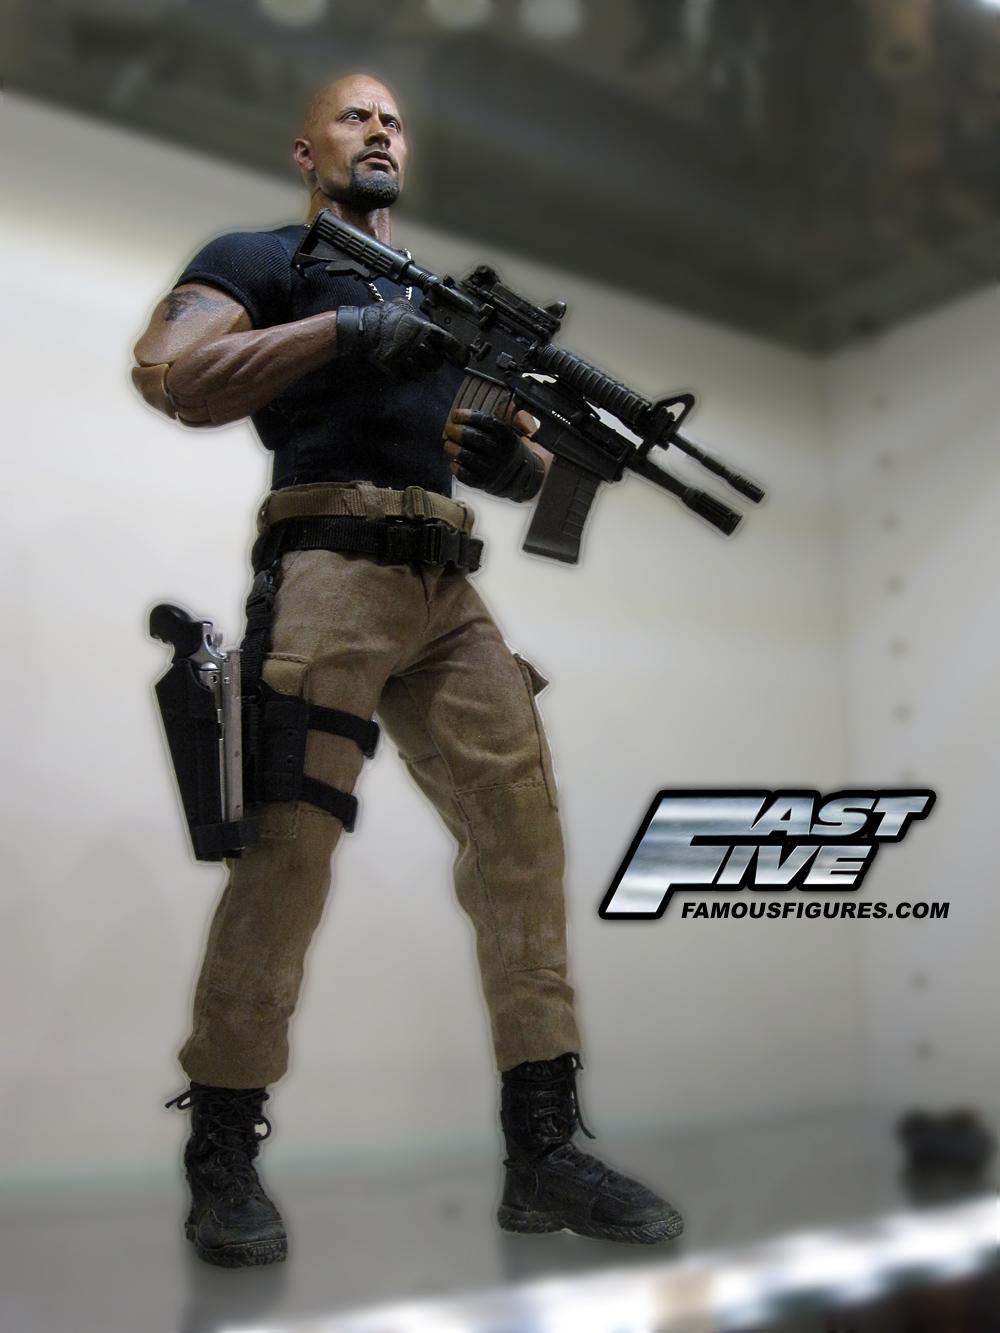 therock_dwaynejohnson_fastfive_figure_12-inch_00b